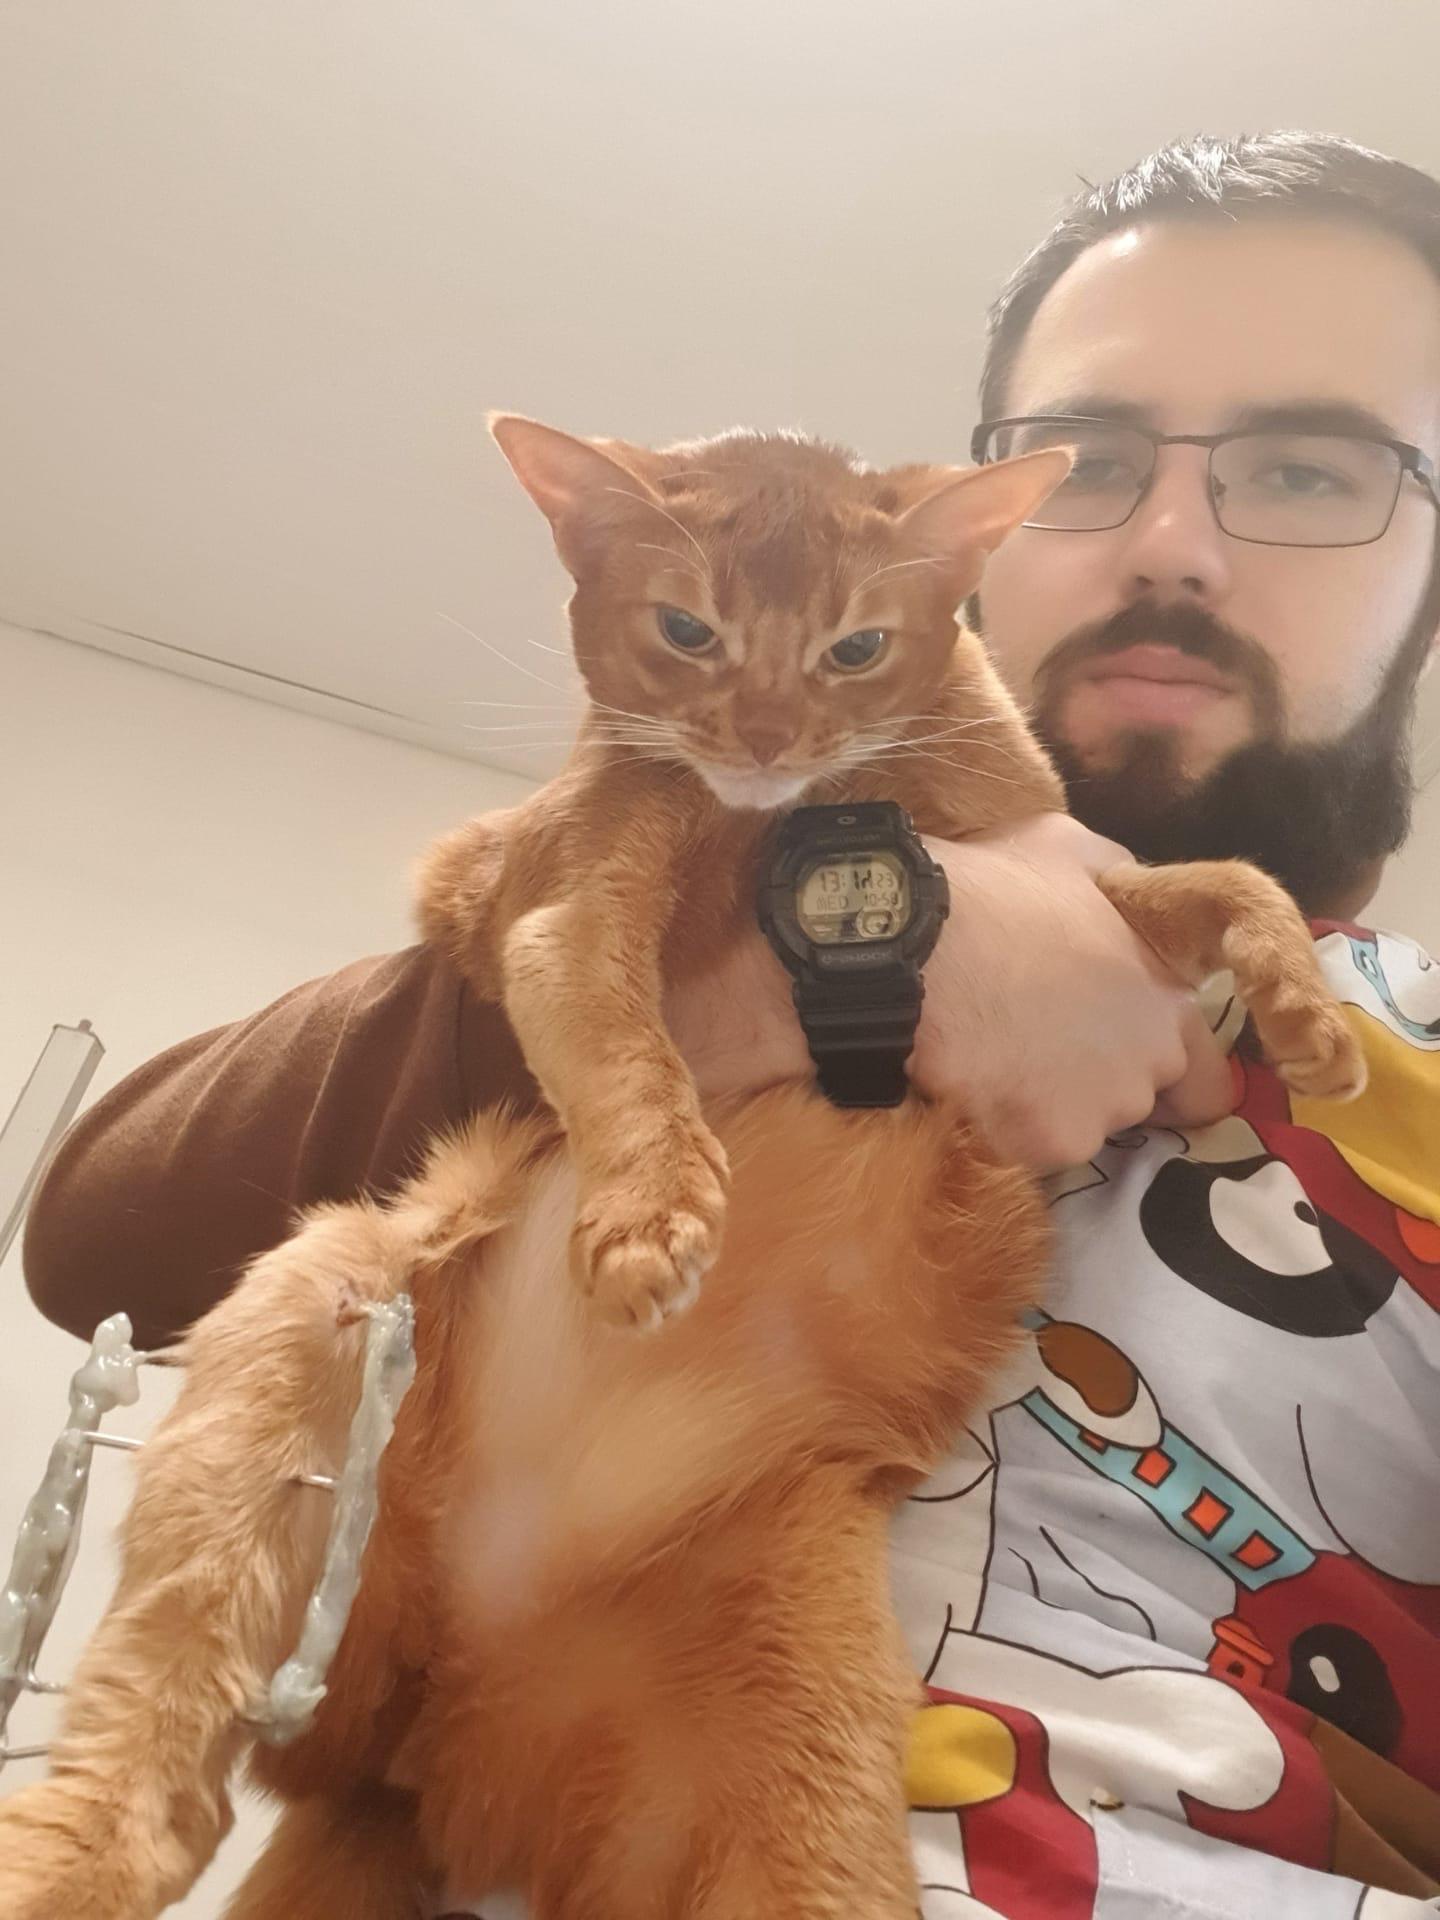 4 совета владельцам домашних животных и подарок от команды ветеринарных врачей [https://vk.